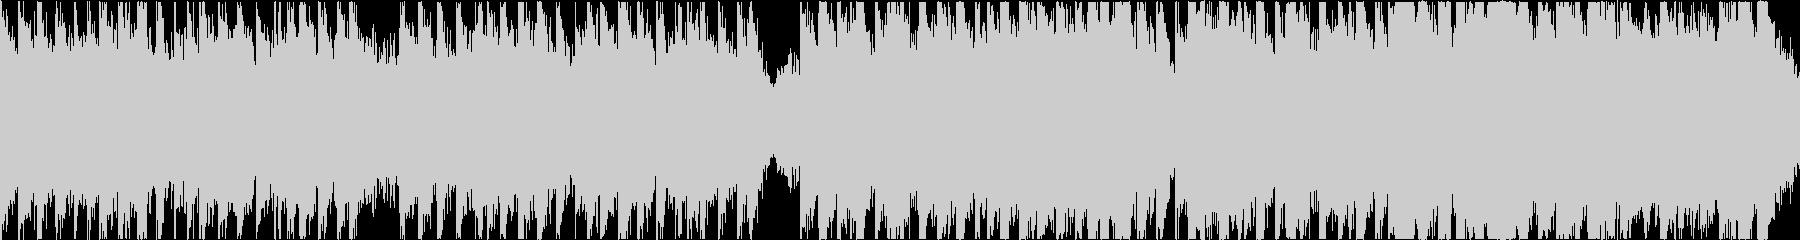 序盤バトル系の軽快なオーケストラ/ループの未再生の波形